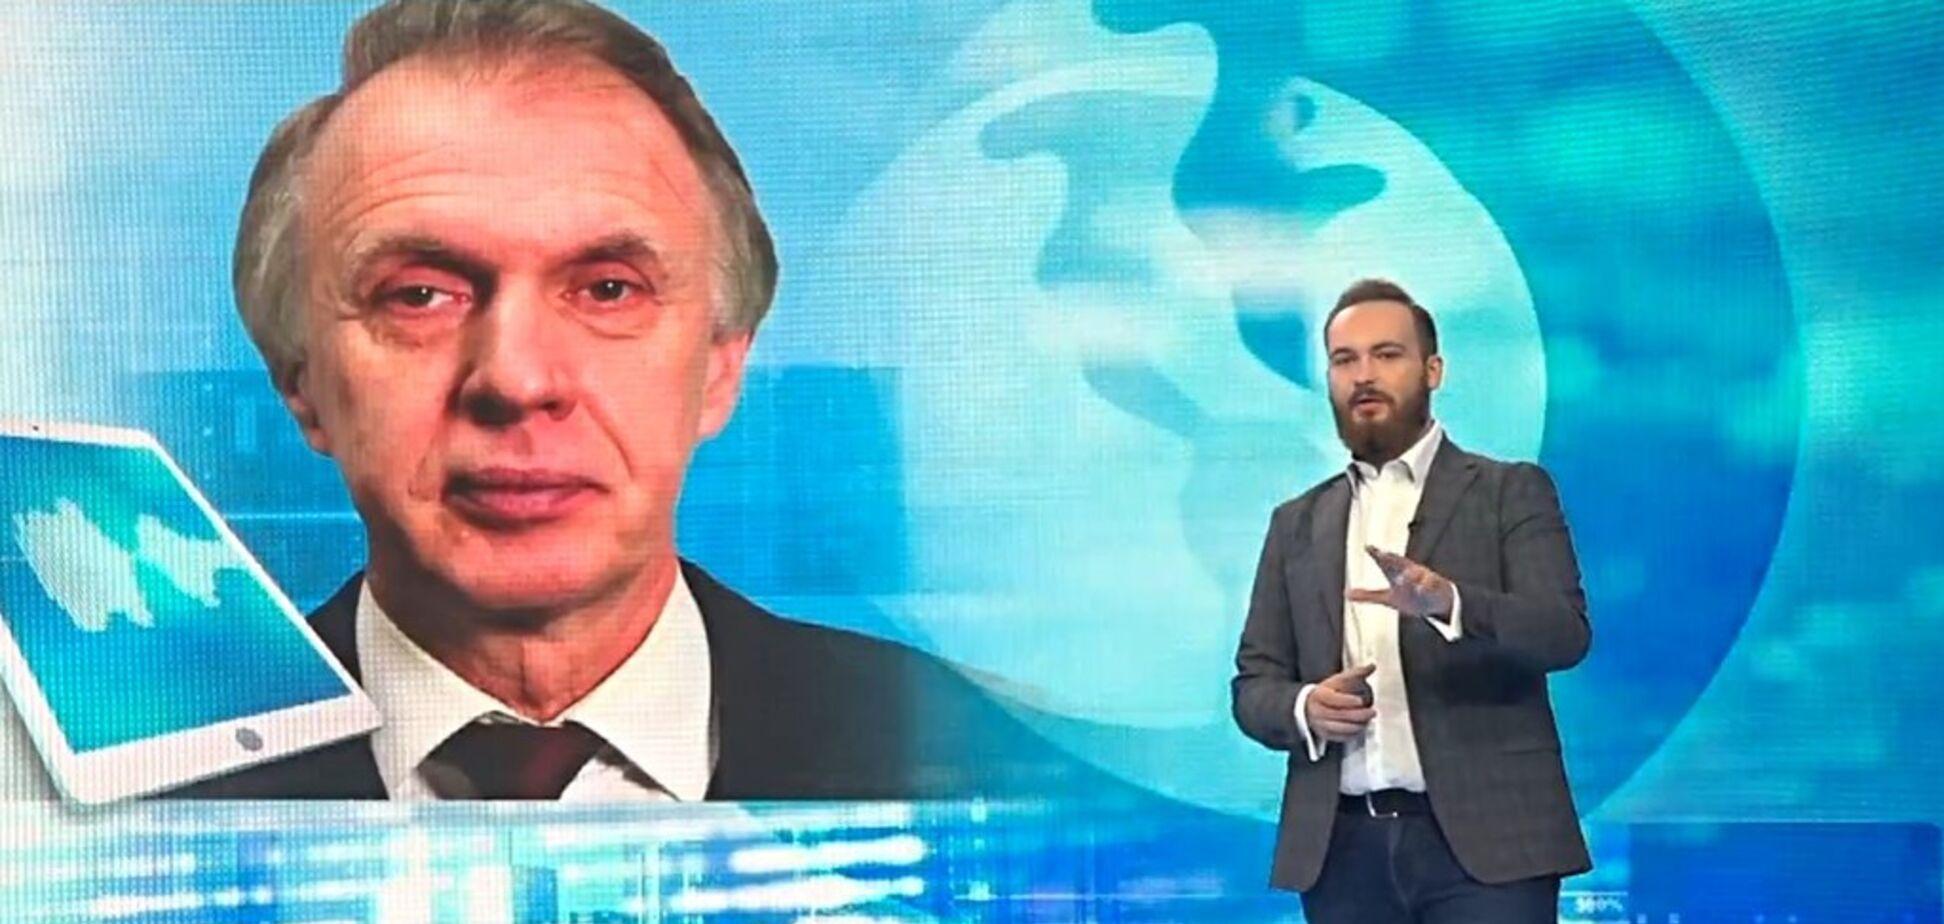 'Ситуація патова': Зеленському запропонували альтернативу 'формулі Штайнмаєра'